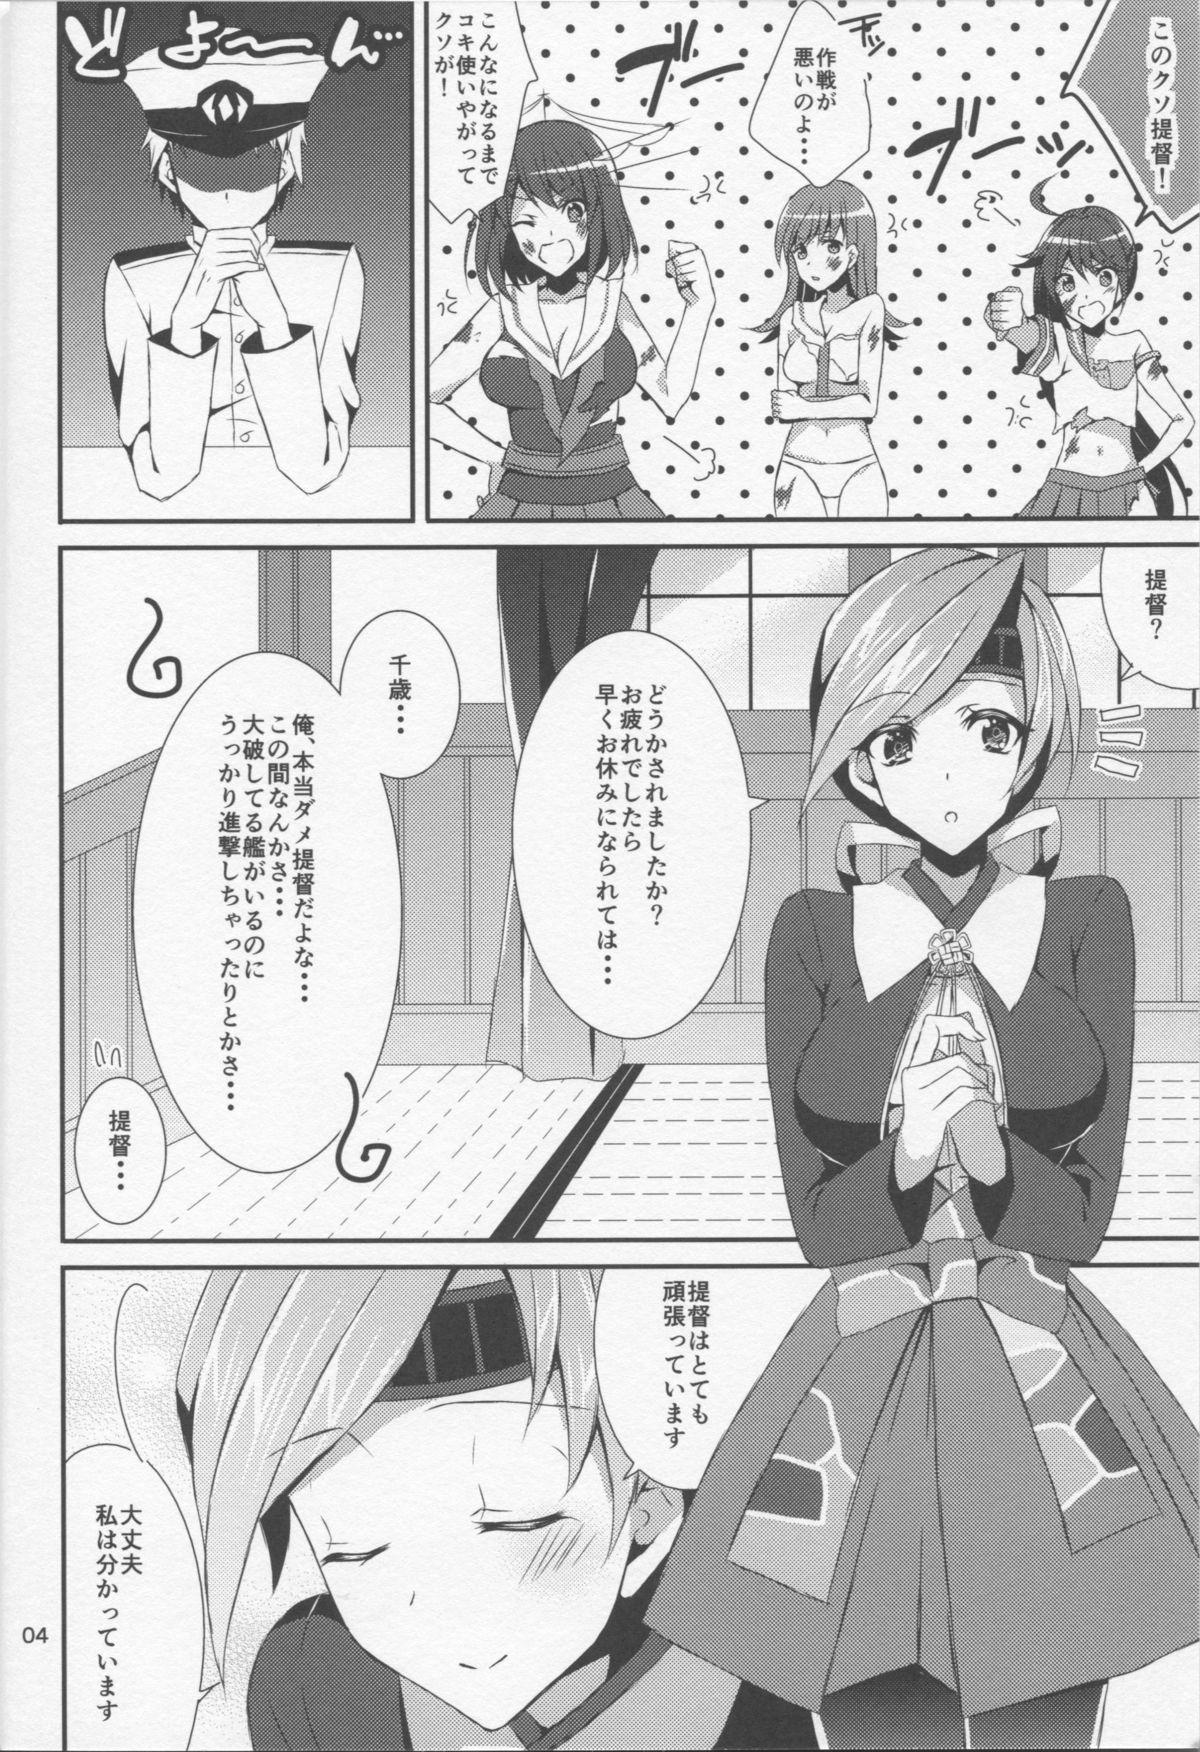 Chitose to Banshaku 3